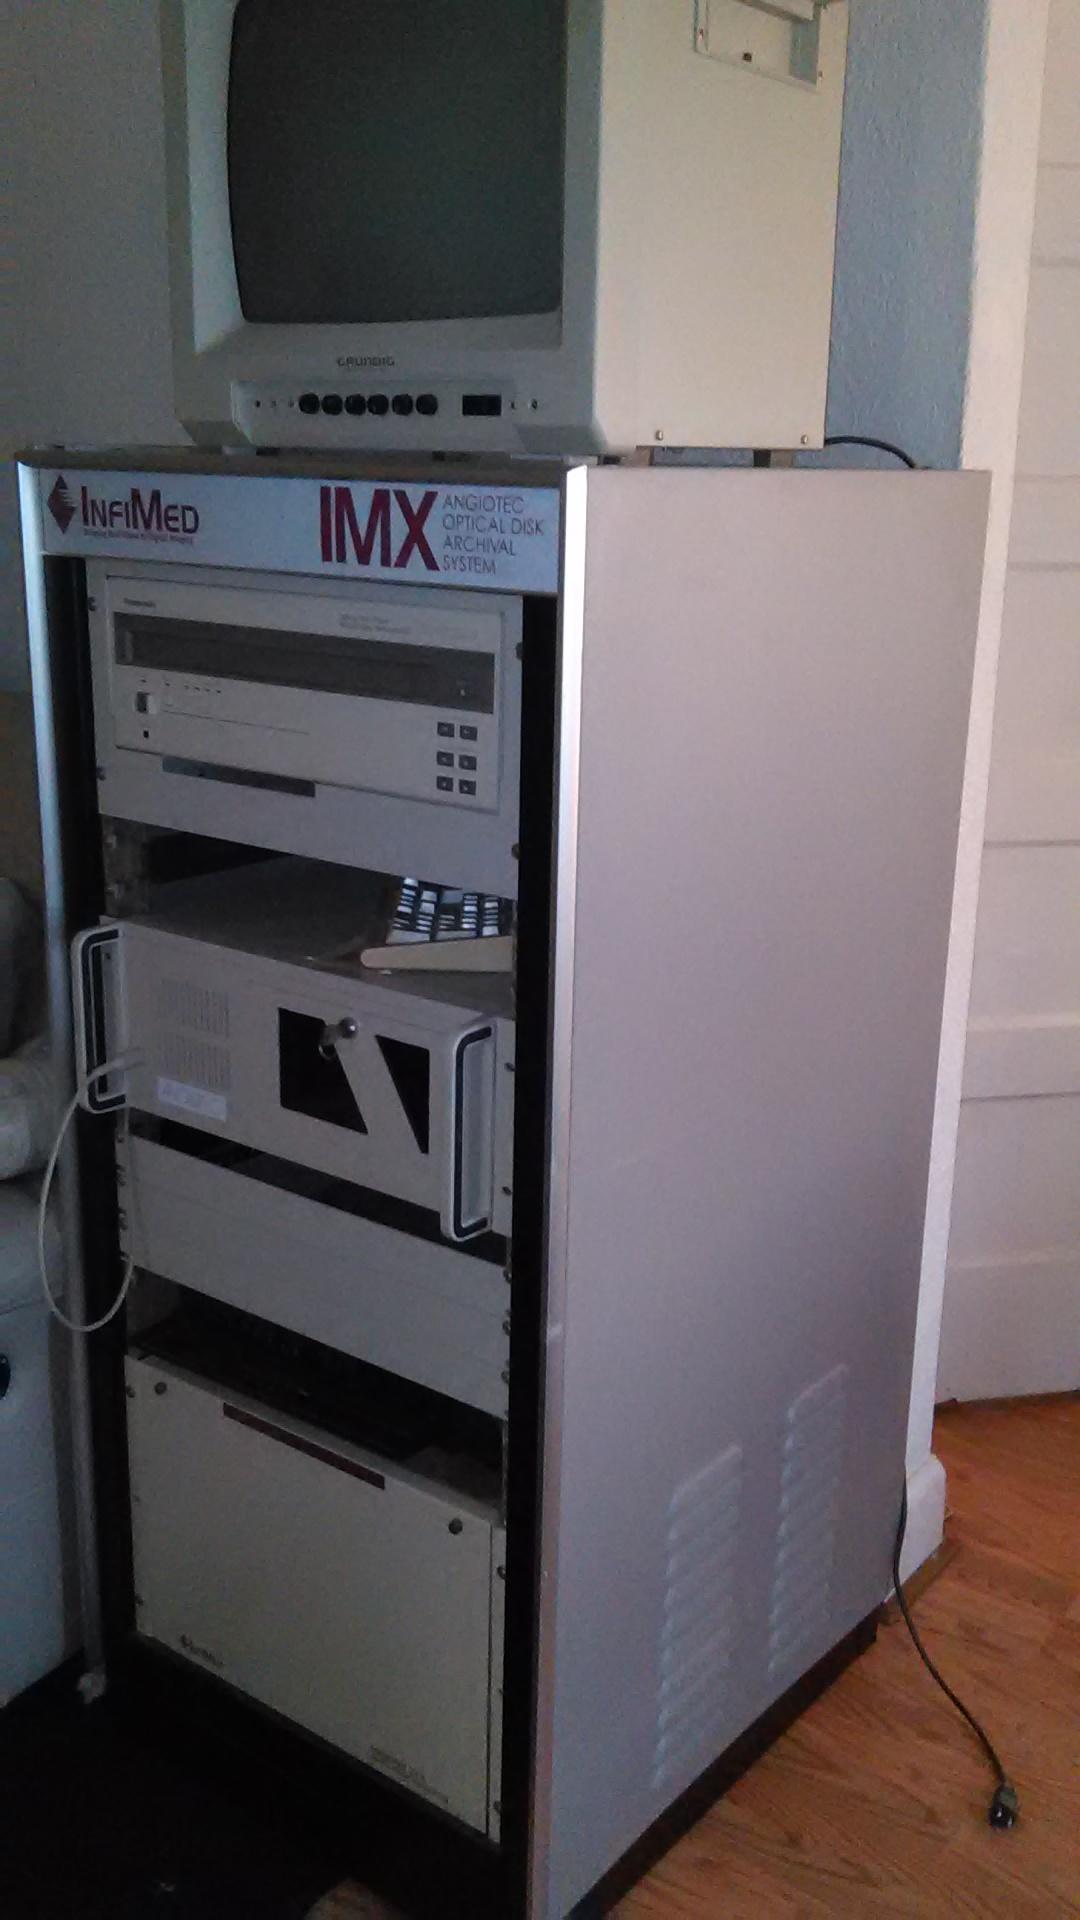 InfiMed IMX 200